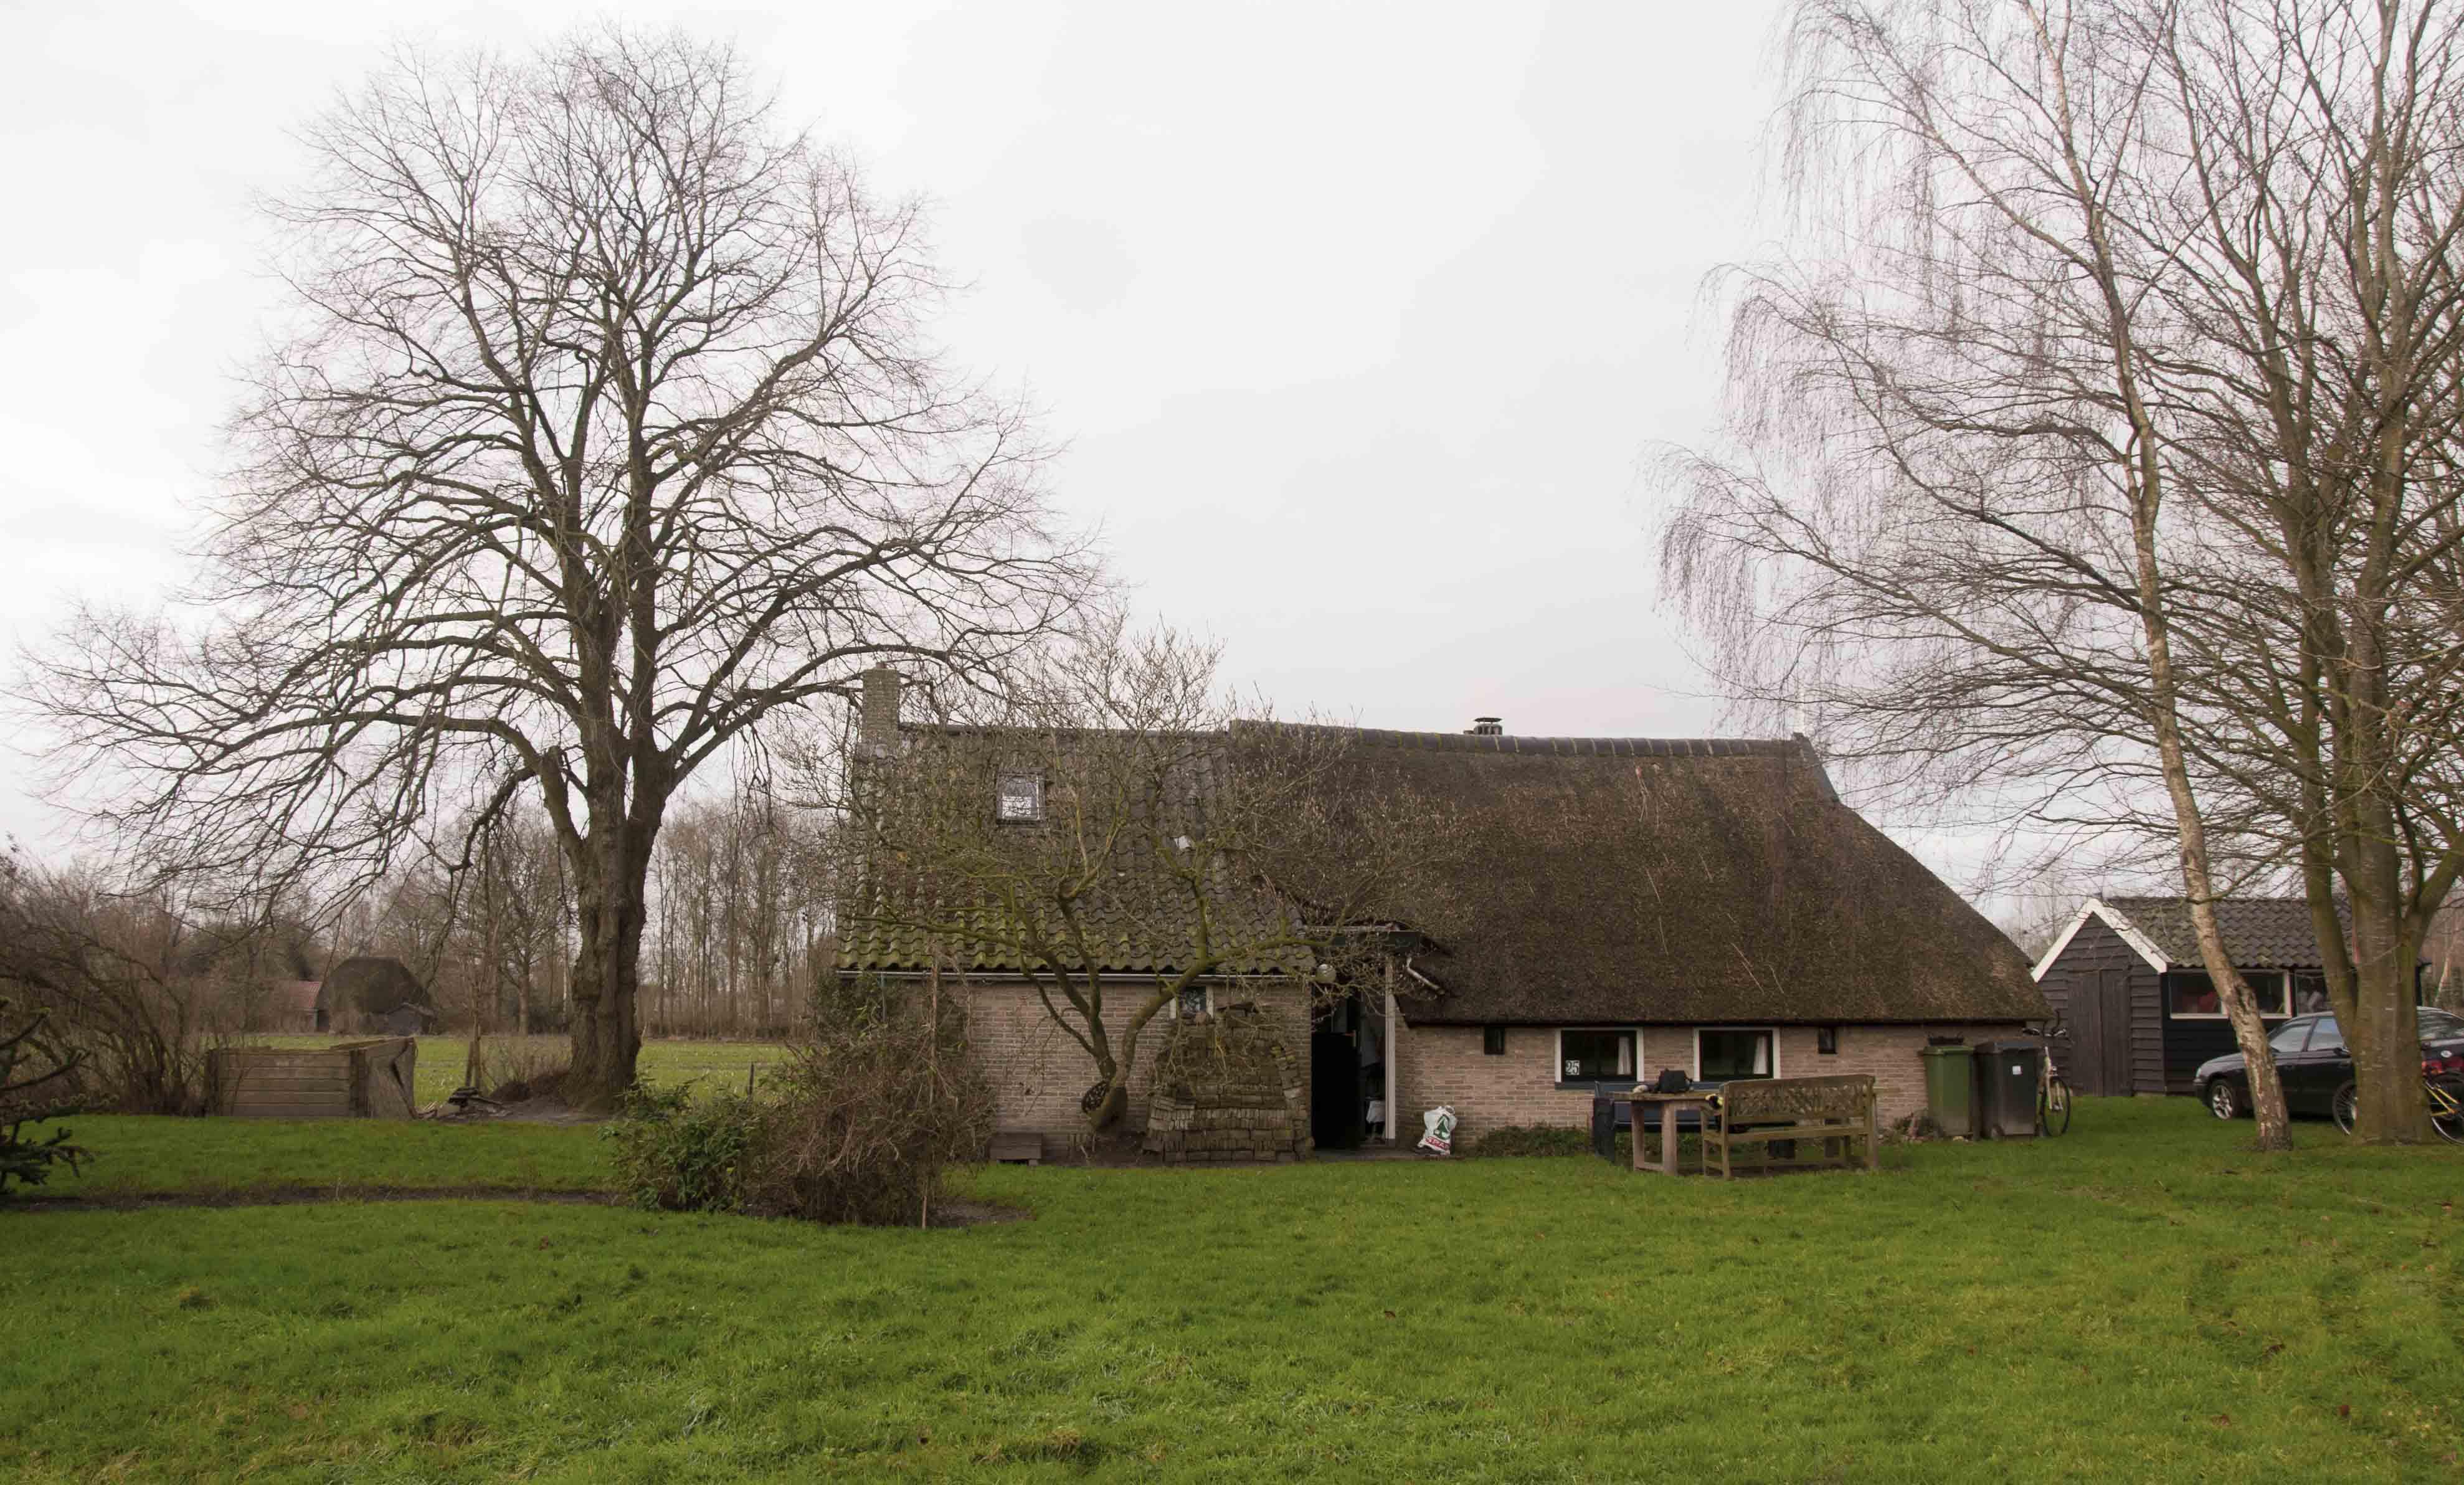 2012-01-14-hsb-blesdijke-3490